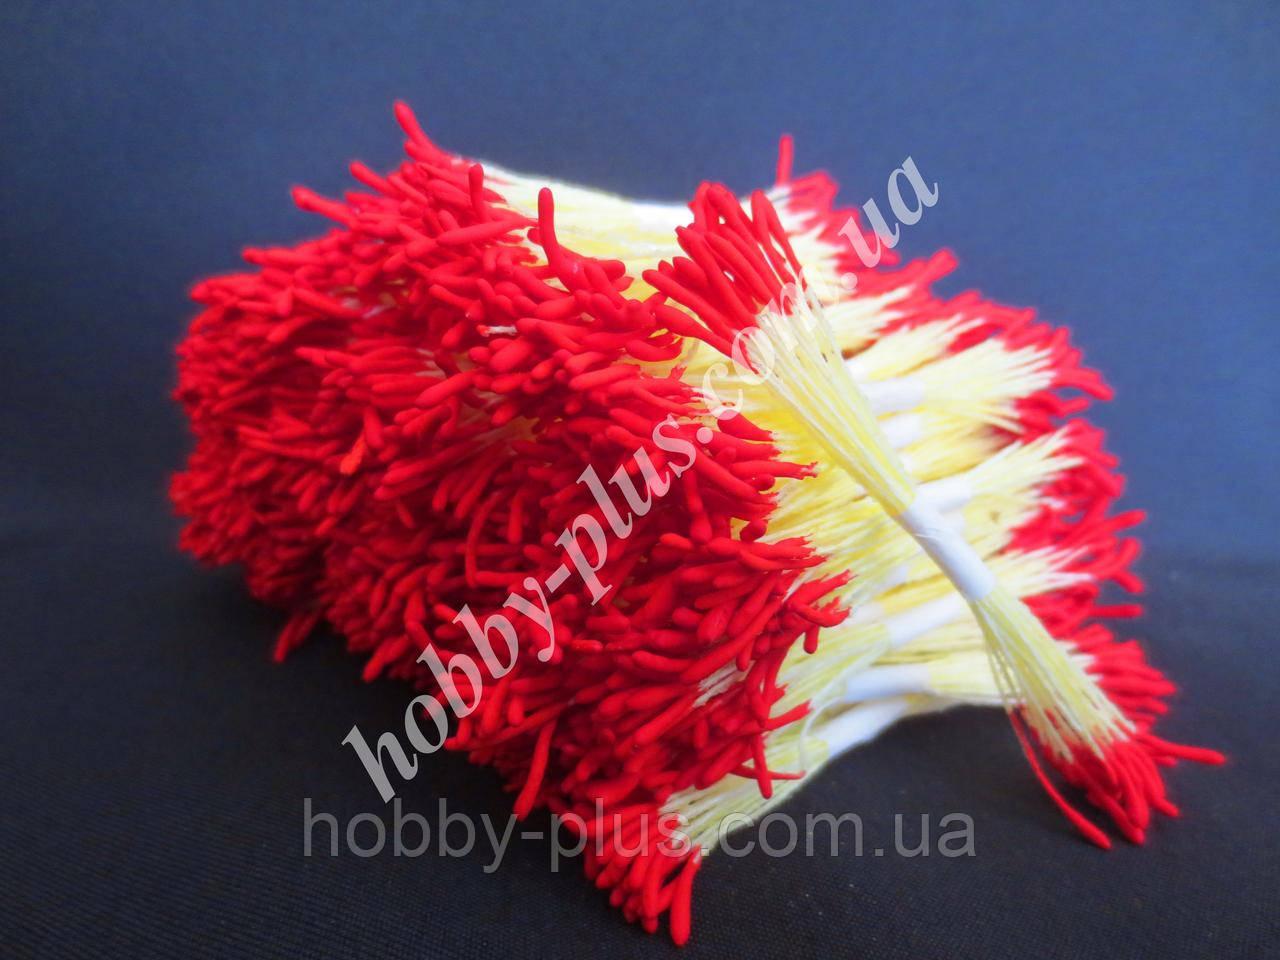 Тайские тычинки, КРАСНЫЕ, удлиненные на светло-желтой нити, 23-25 нитей, 50 головок